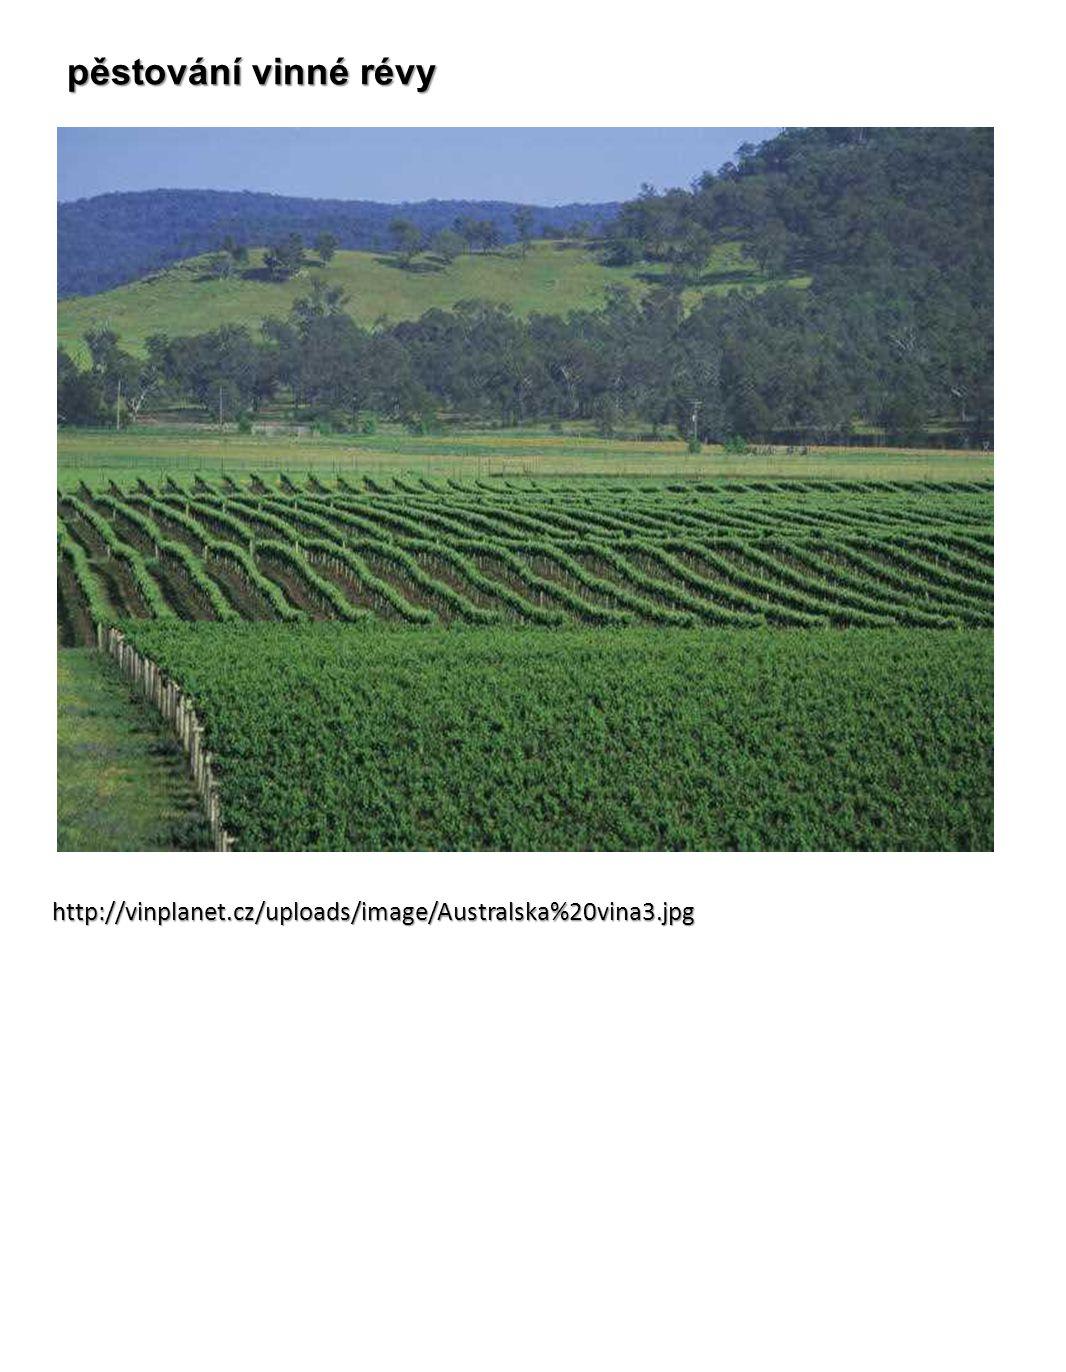 http://vinplanet.cz/uploads/image/Australska%20vina3.jpg pěstování vinné révy